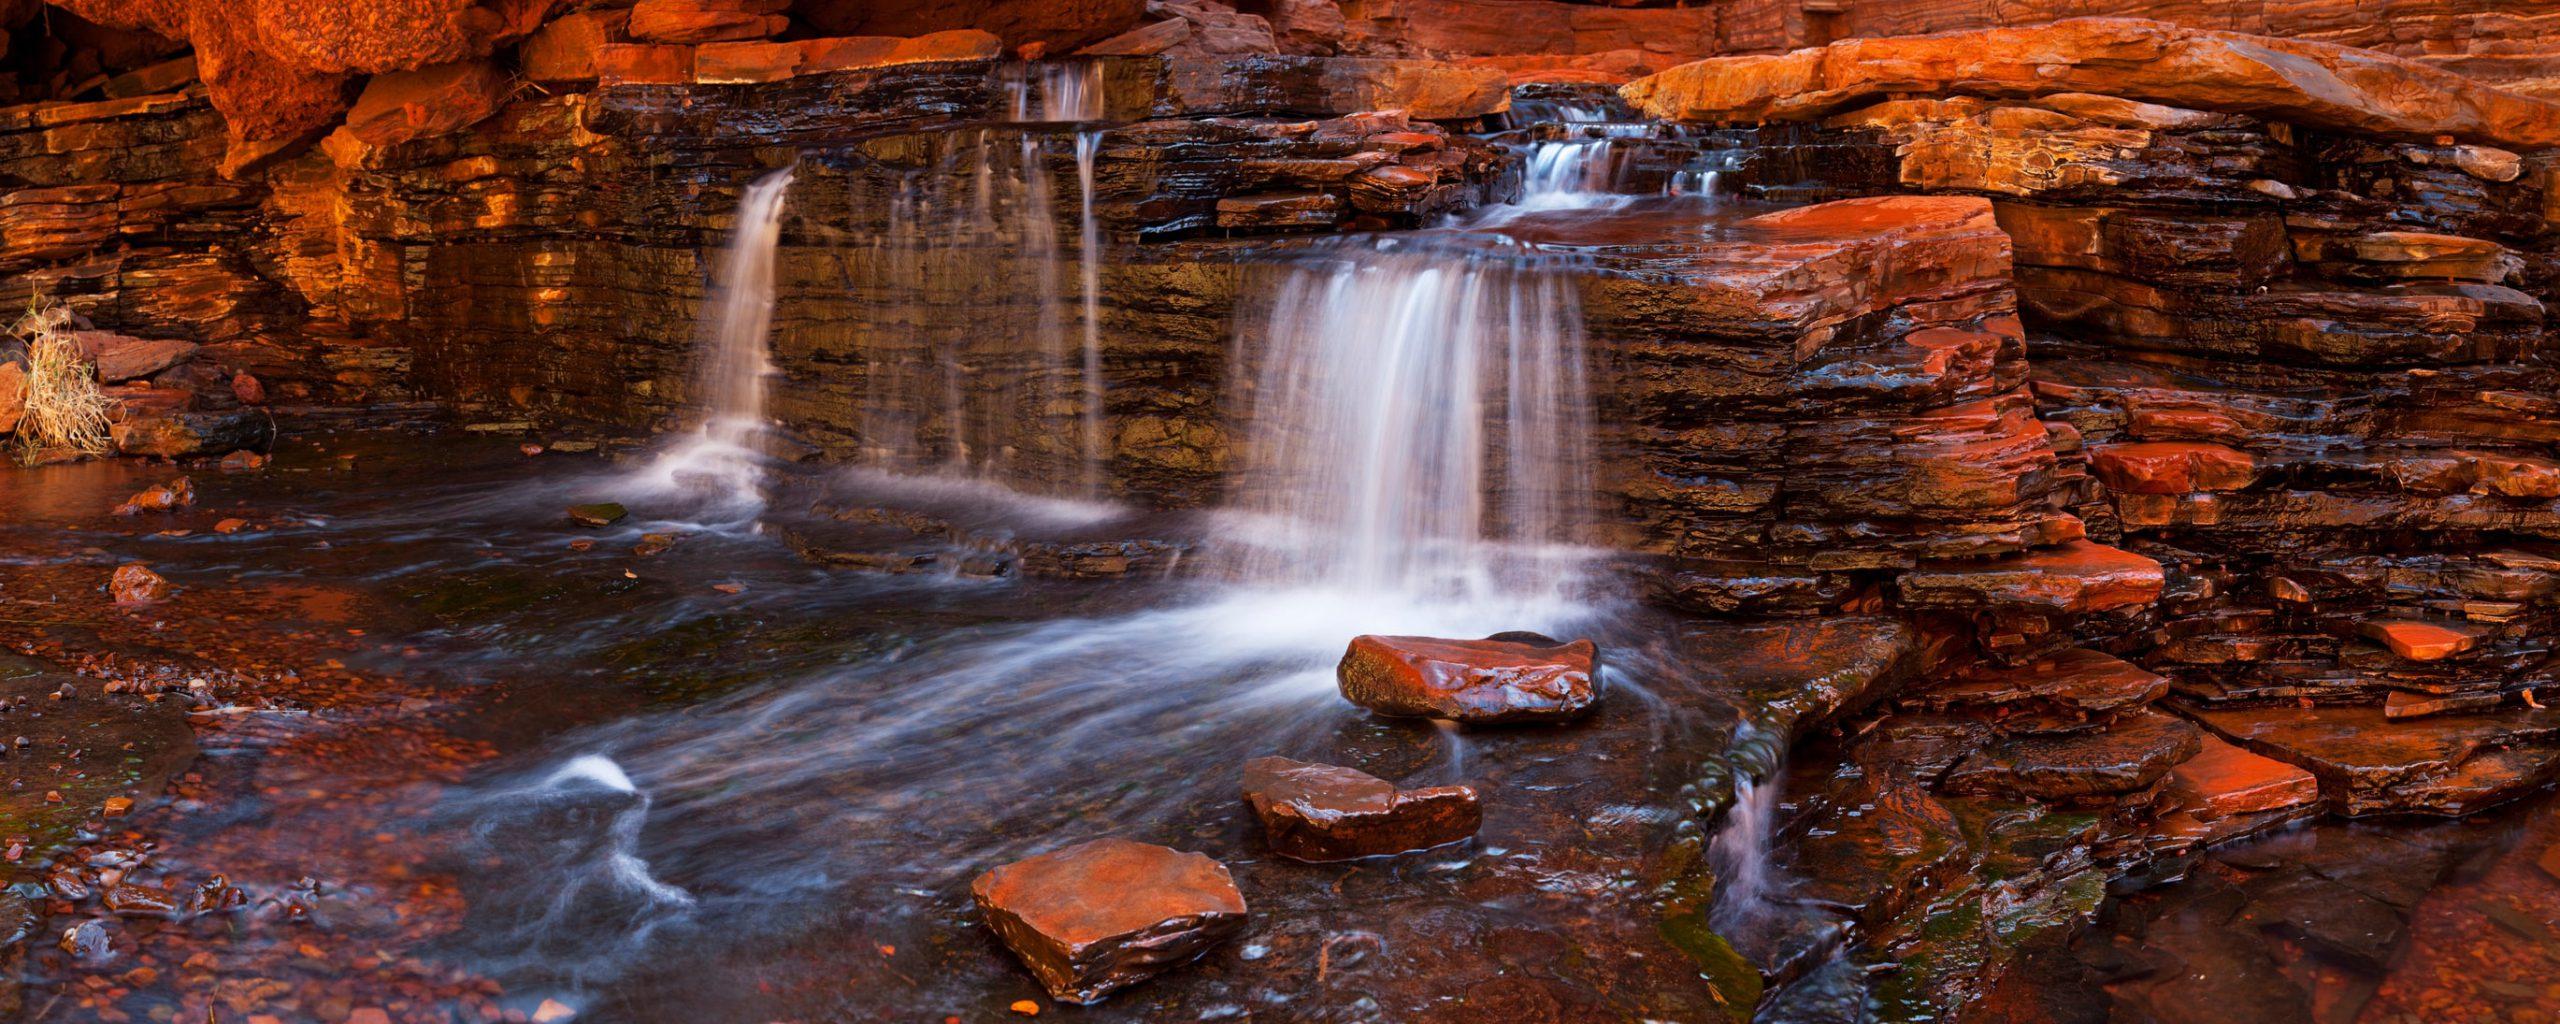 Small waterfall in the Hancock Gorge, Karijini NP